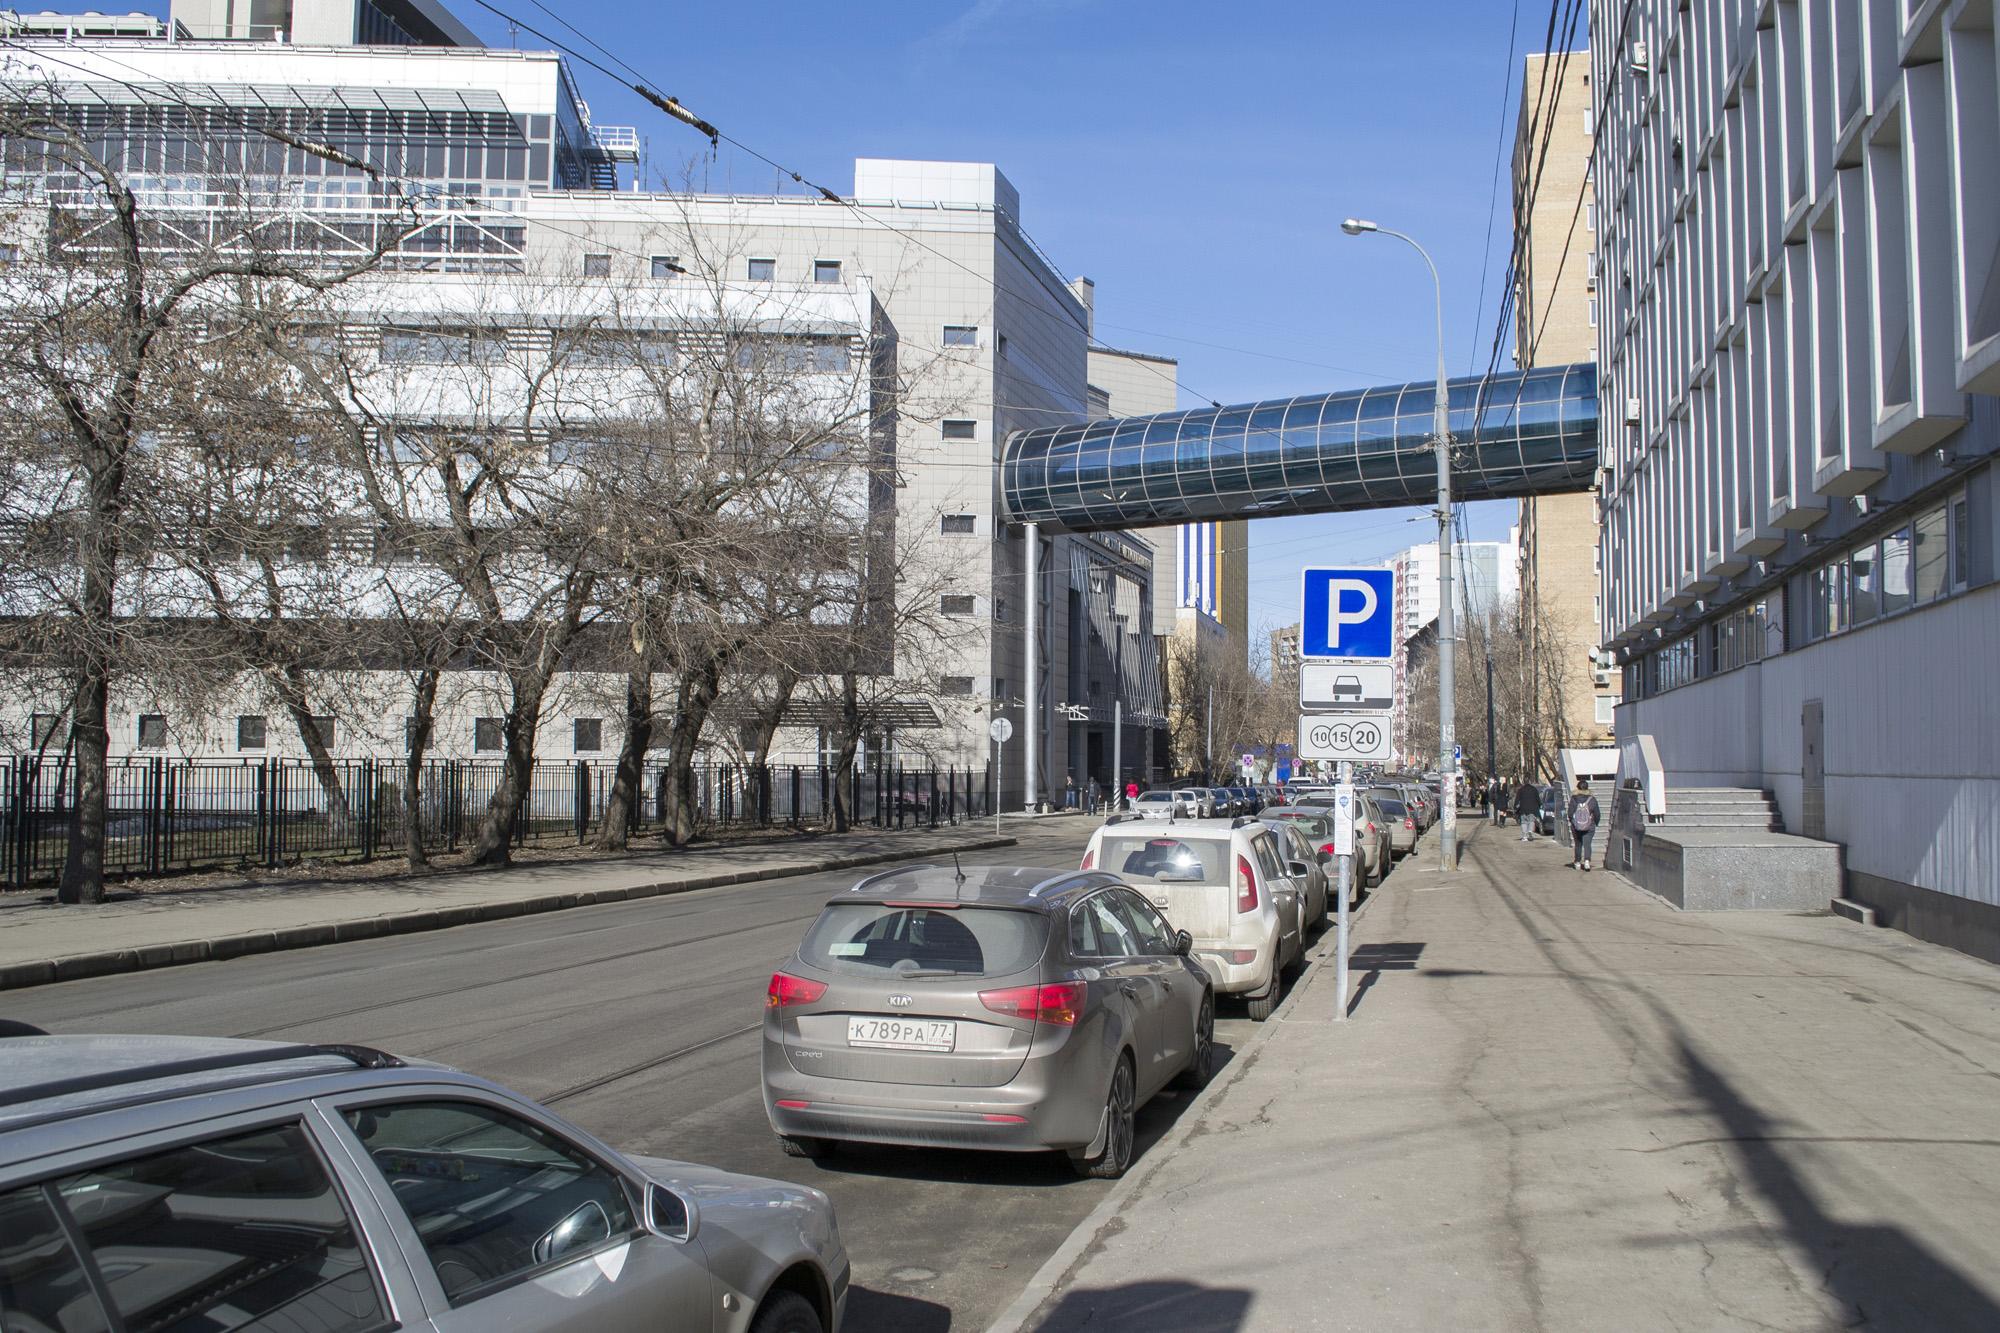 Дойдя до первого перекрестка, поворачиваем направо — так мы оказываемся на  нужной нам улице Гиляровского e665c1ca601